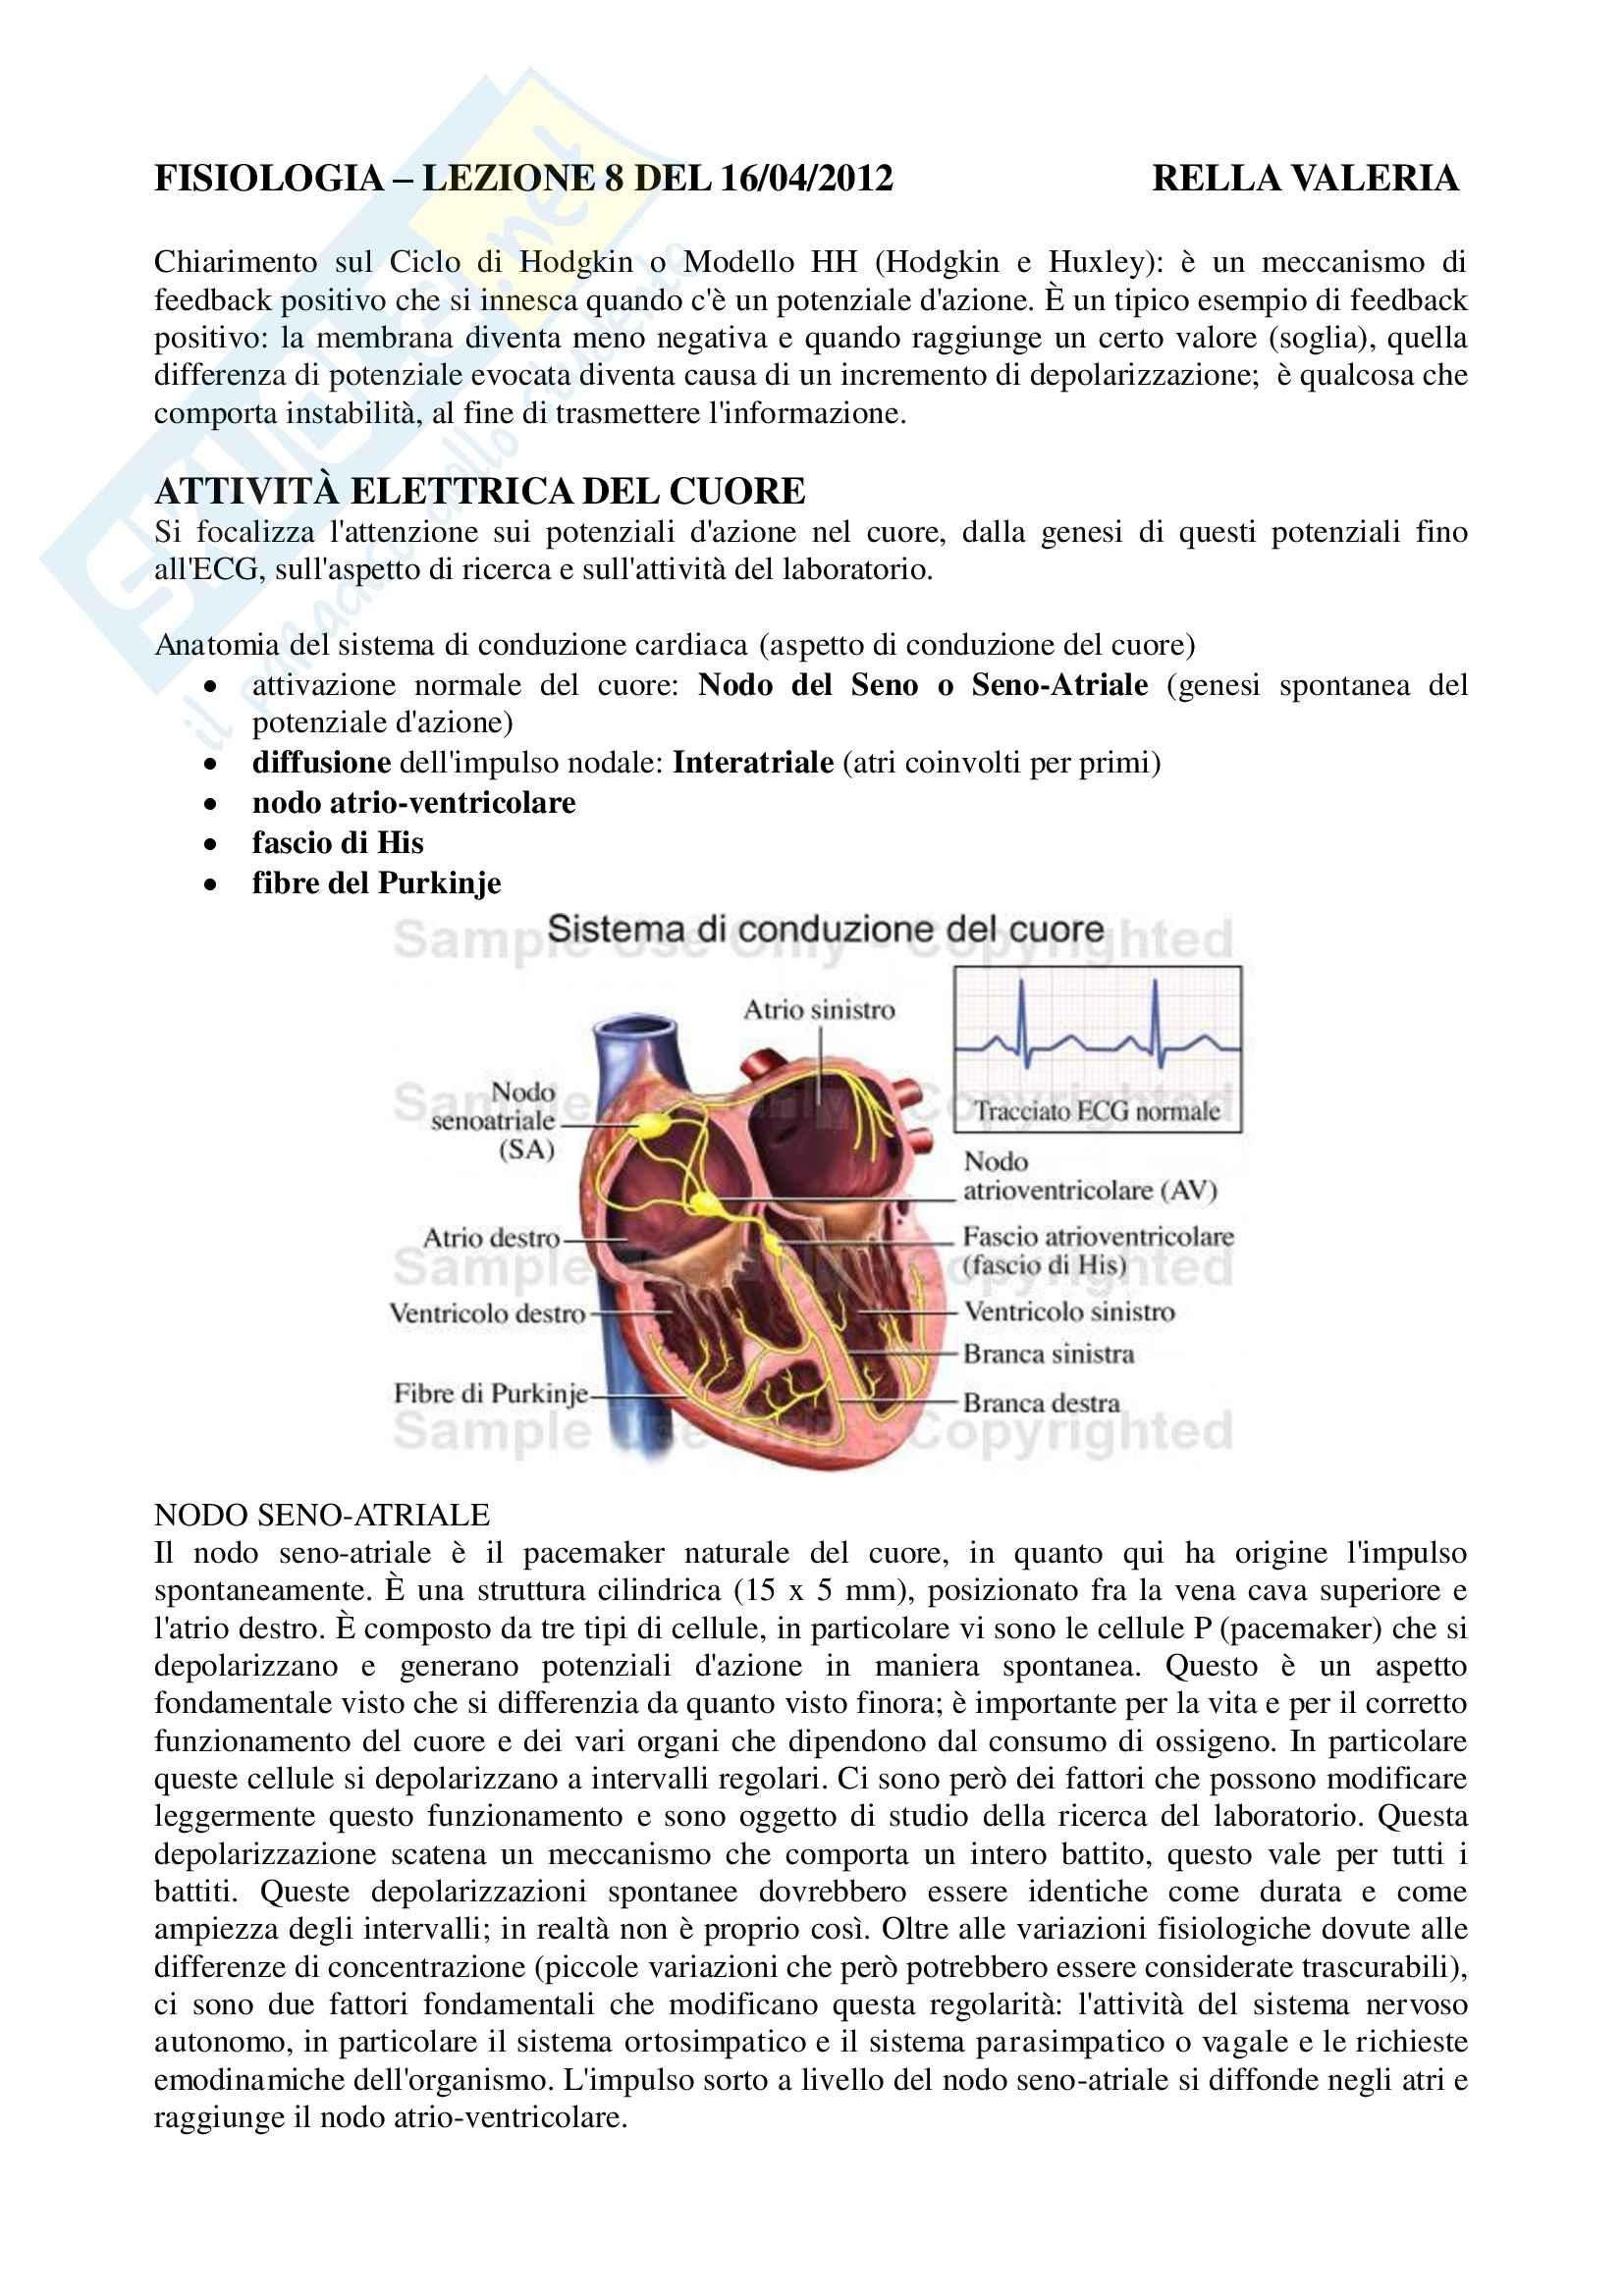 Fisiologia umana I - attività elettrica del cuore